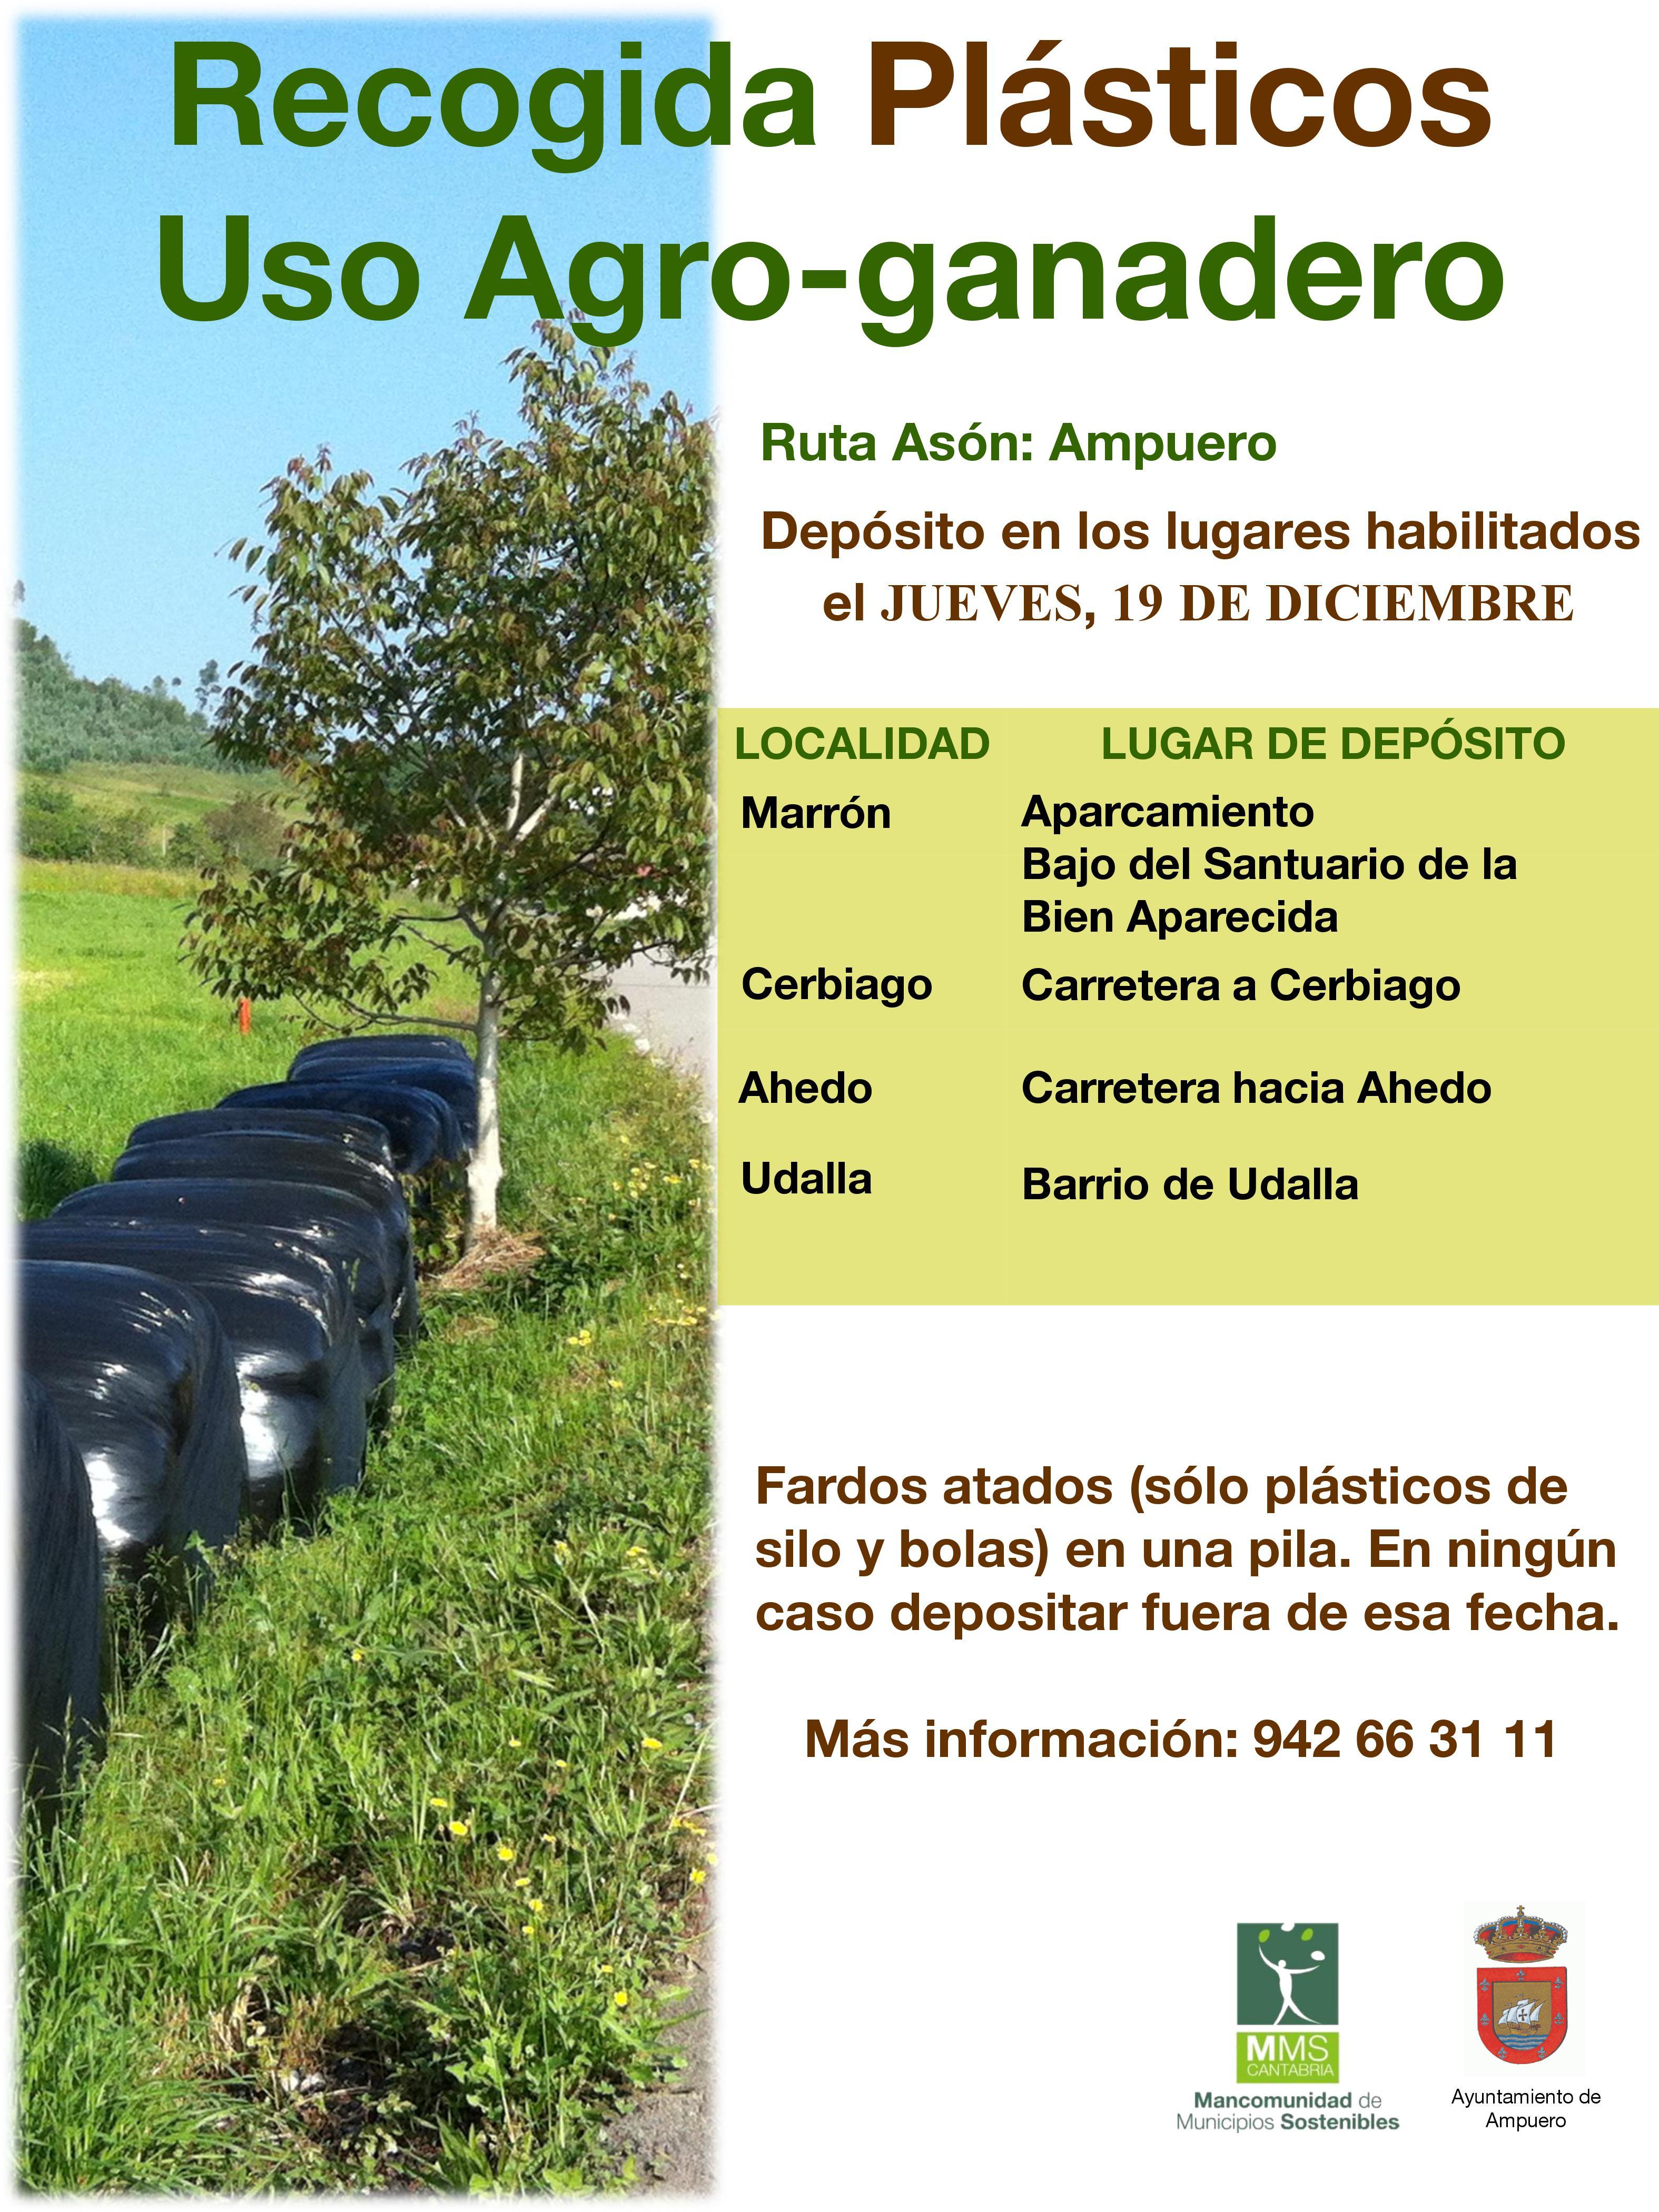 RECOGIDA DE PLÁSTICOS USO AGRO-GANADERO